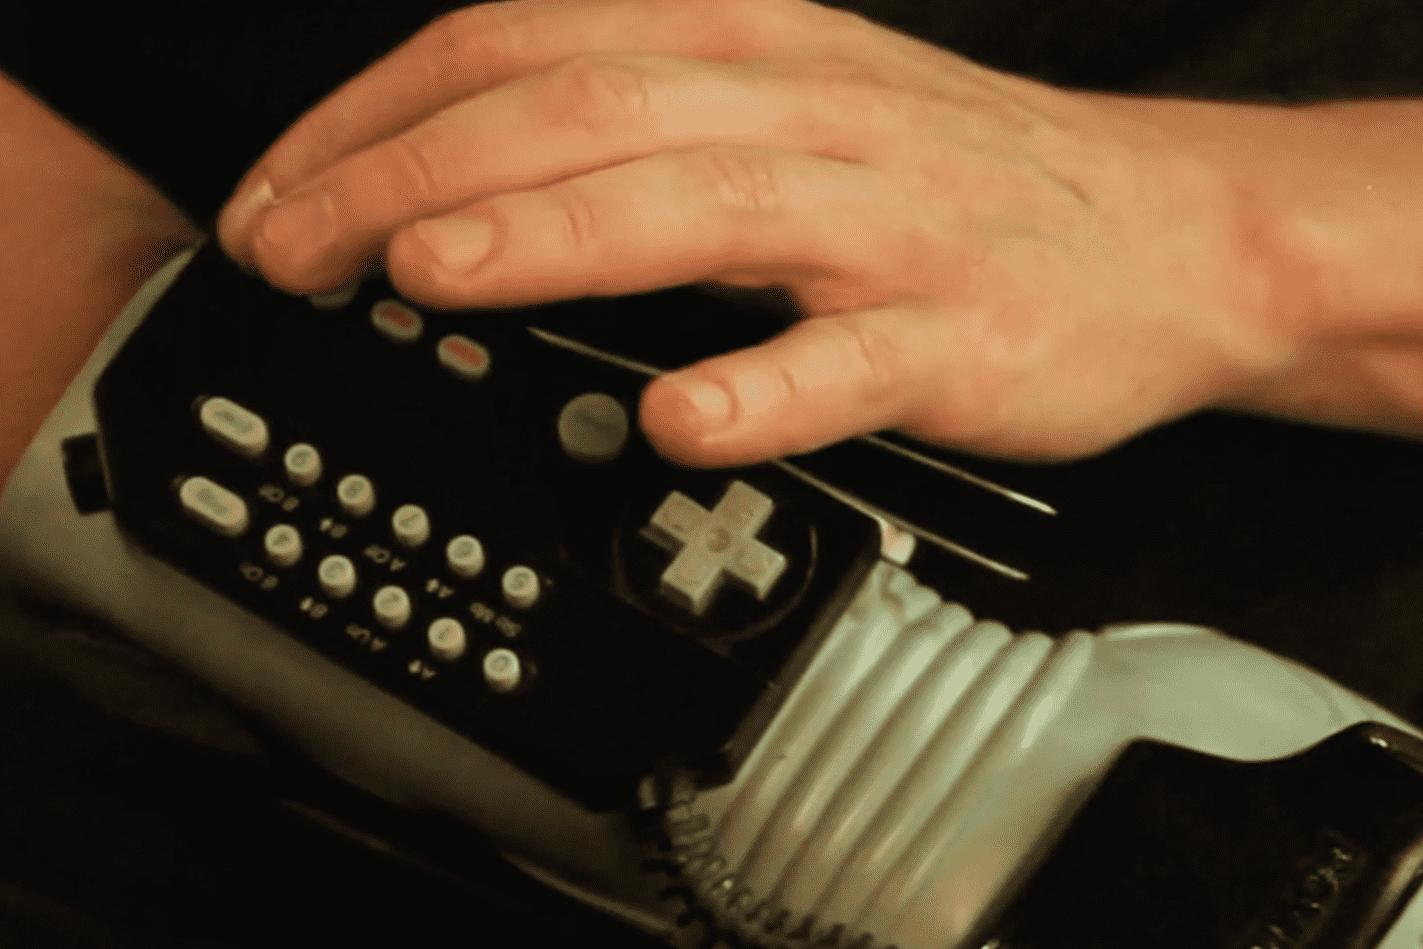 Glove - Glove